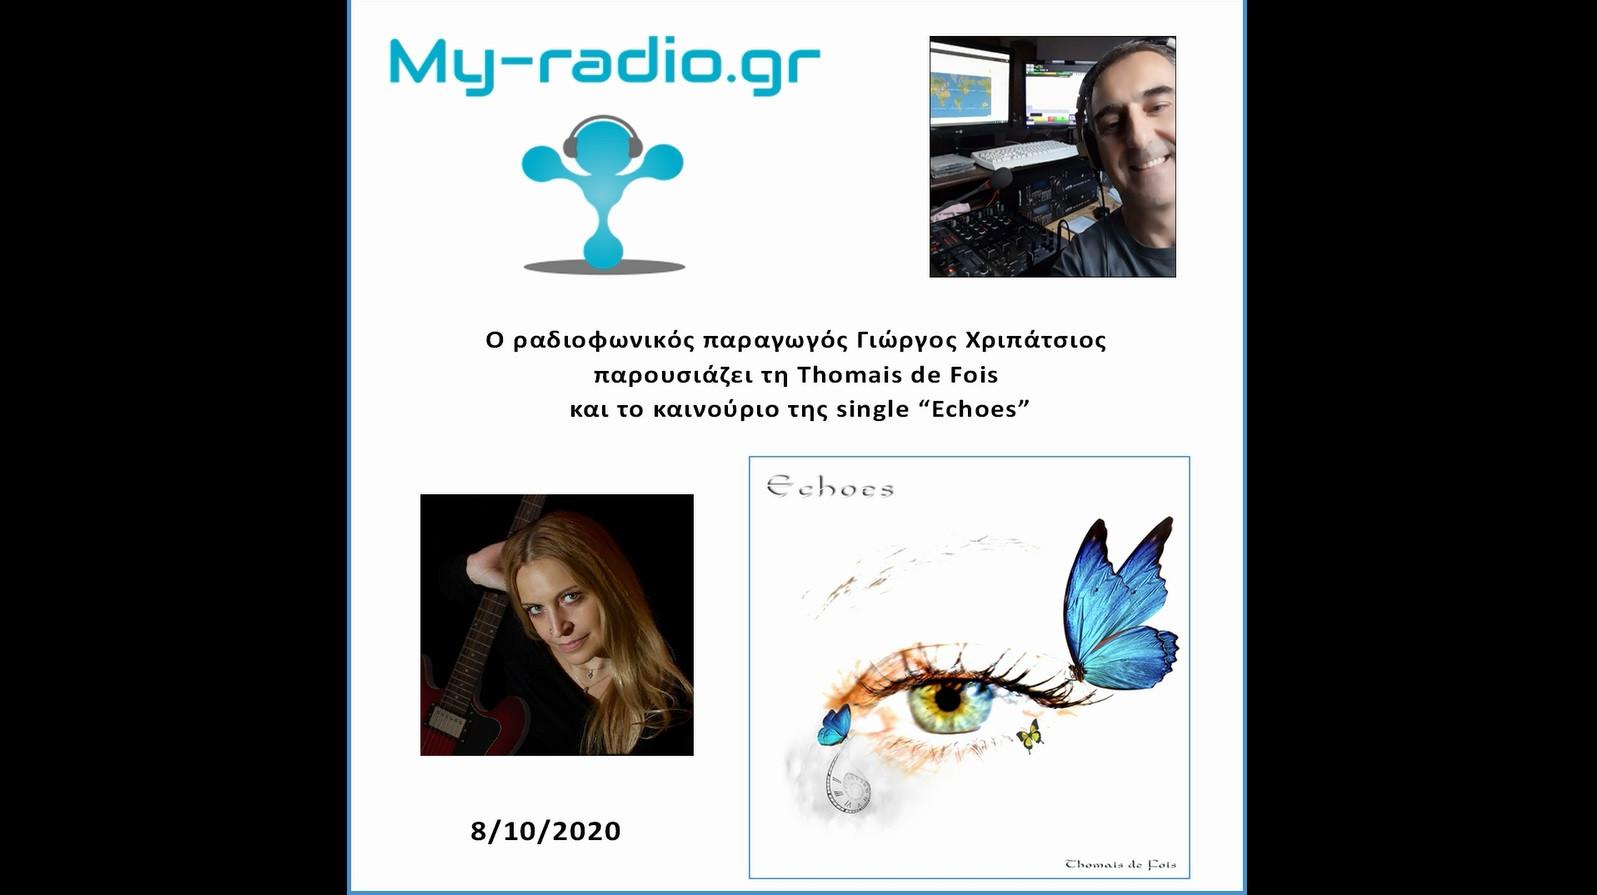 Thomais de Fois-Echoes on My-radio.gr.jp